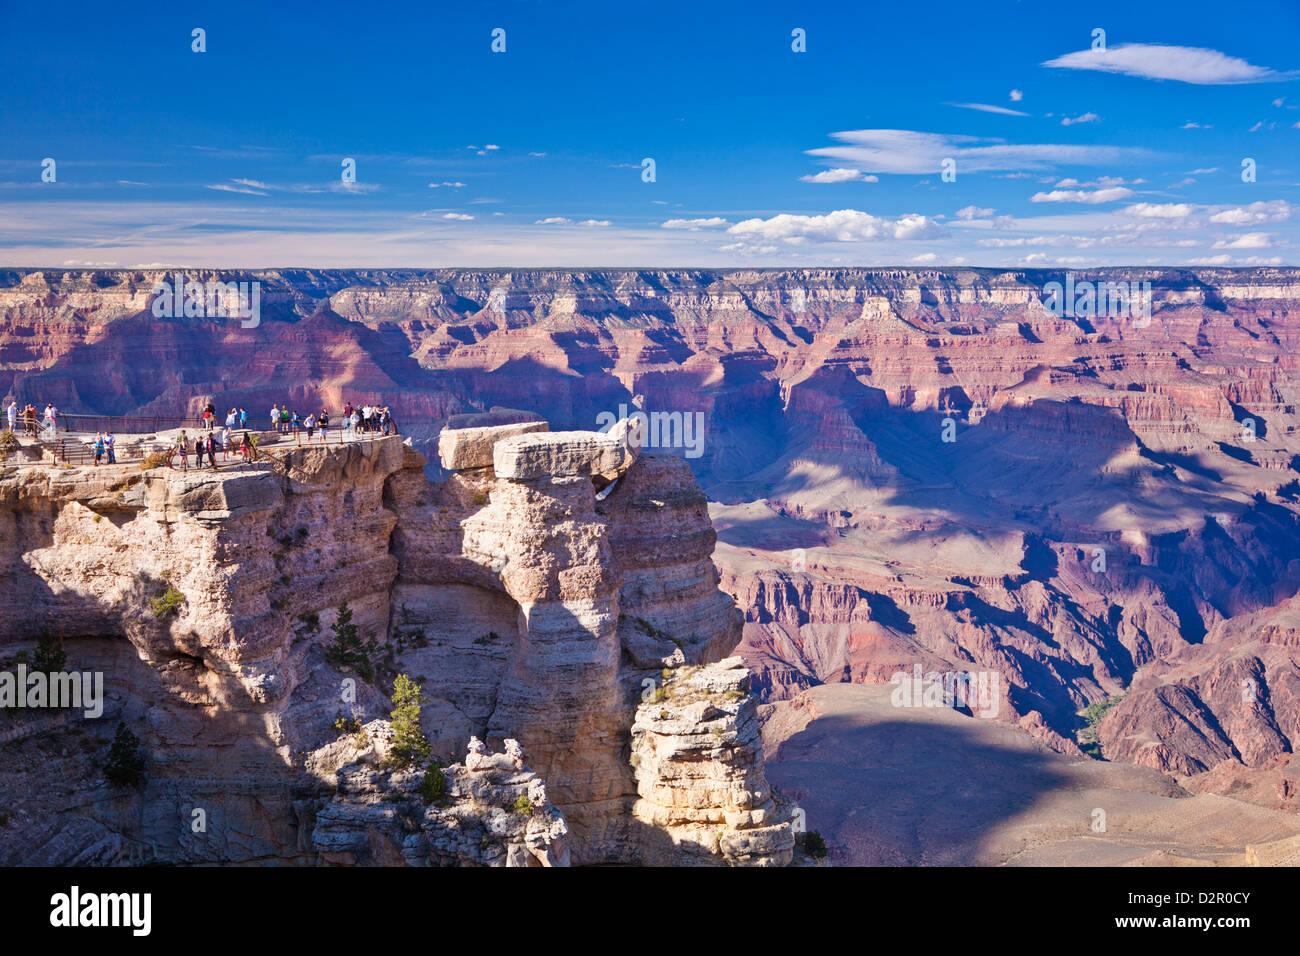 Les touristes à Mather Point oublier, Rive Sud, le Parc National du Grand Canyon, Arizona, USA Photo Stock